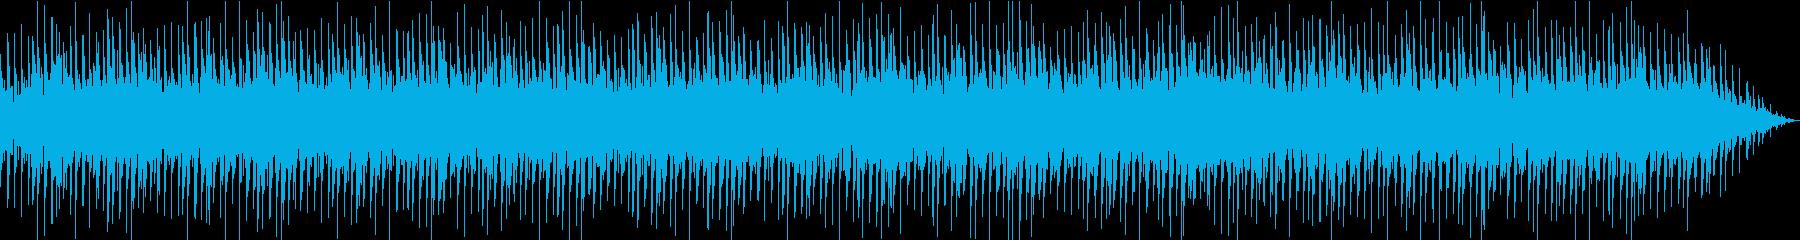 ホラー・スローテンポ・ドラムンベースの再生済みの波形